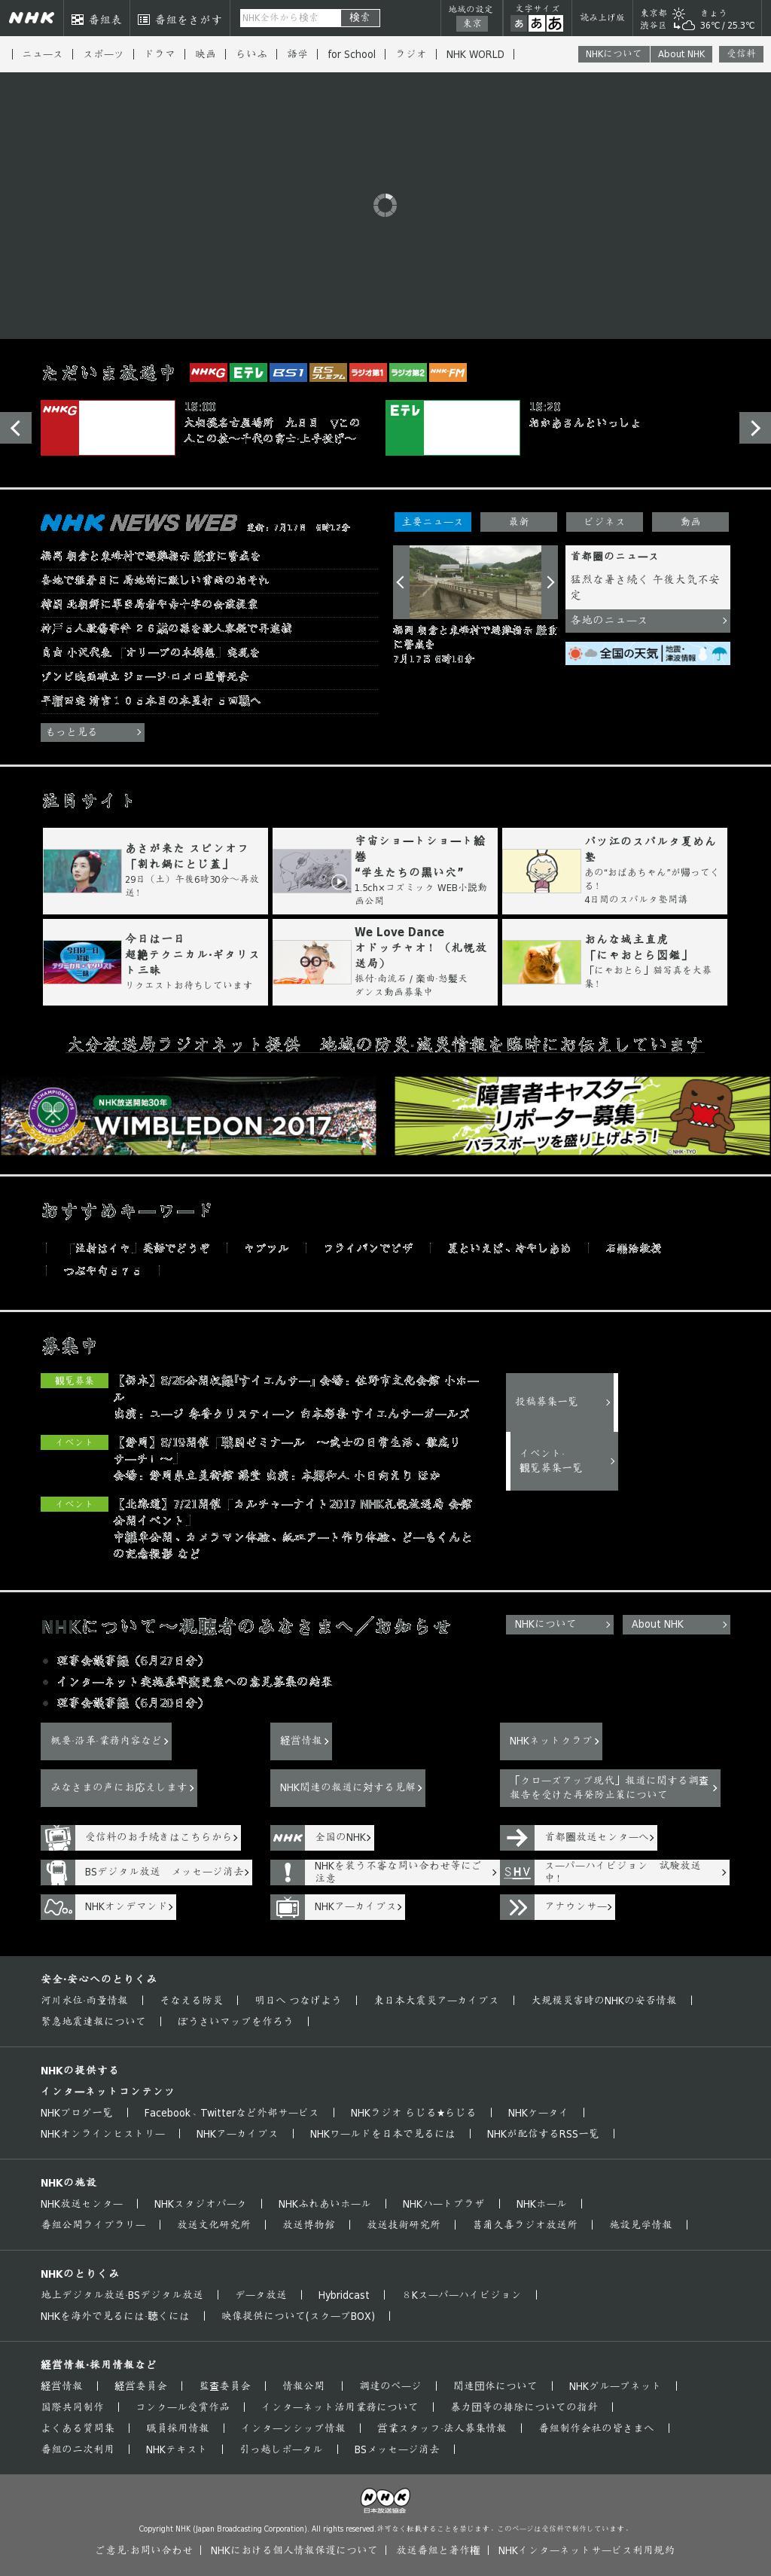 NHK Online at Monday July 17, 2017, 7:22 a.m. UTC